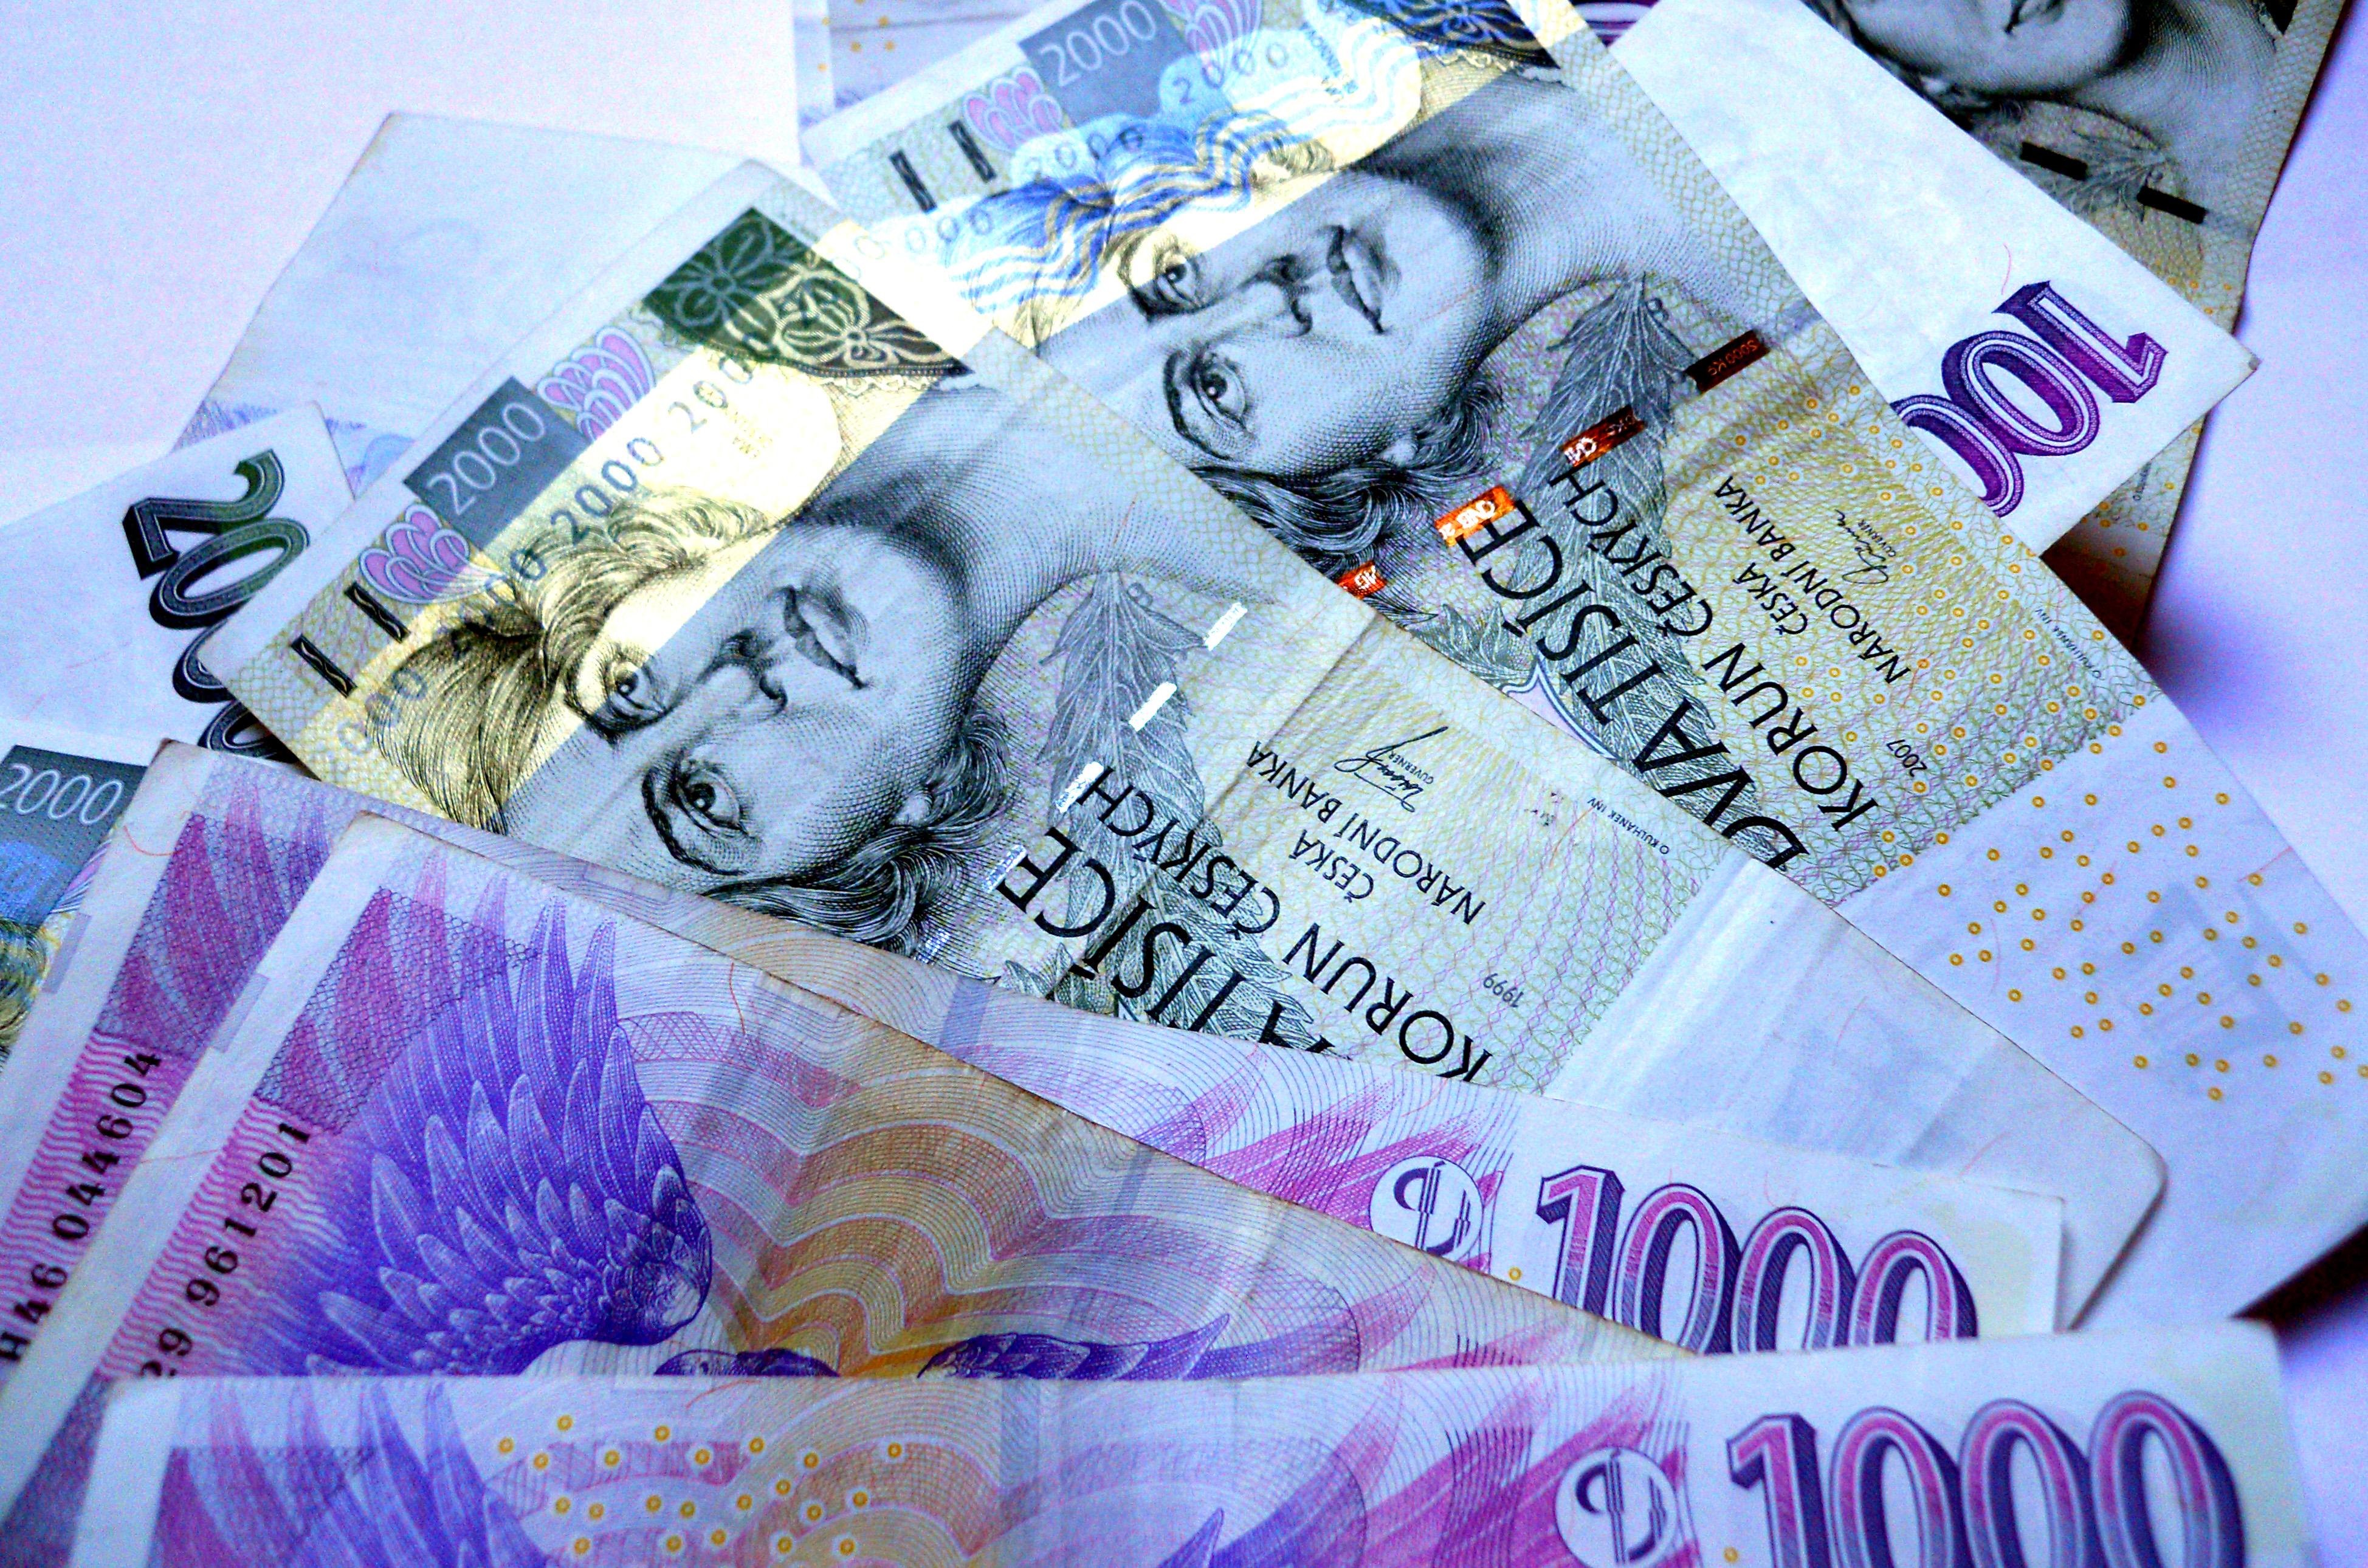 Nebankovní půjčky ihned na účet bez 1kč loci image 4